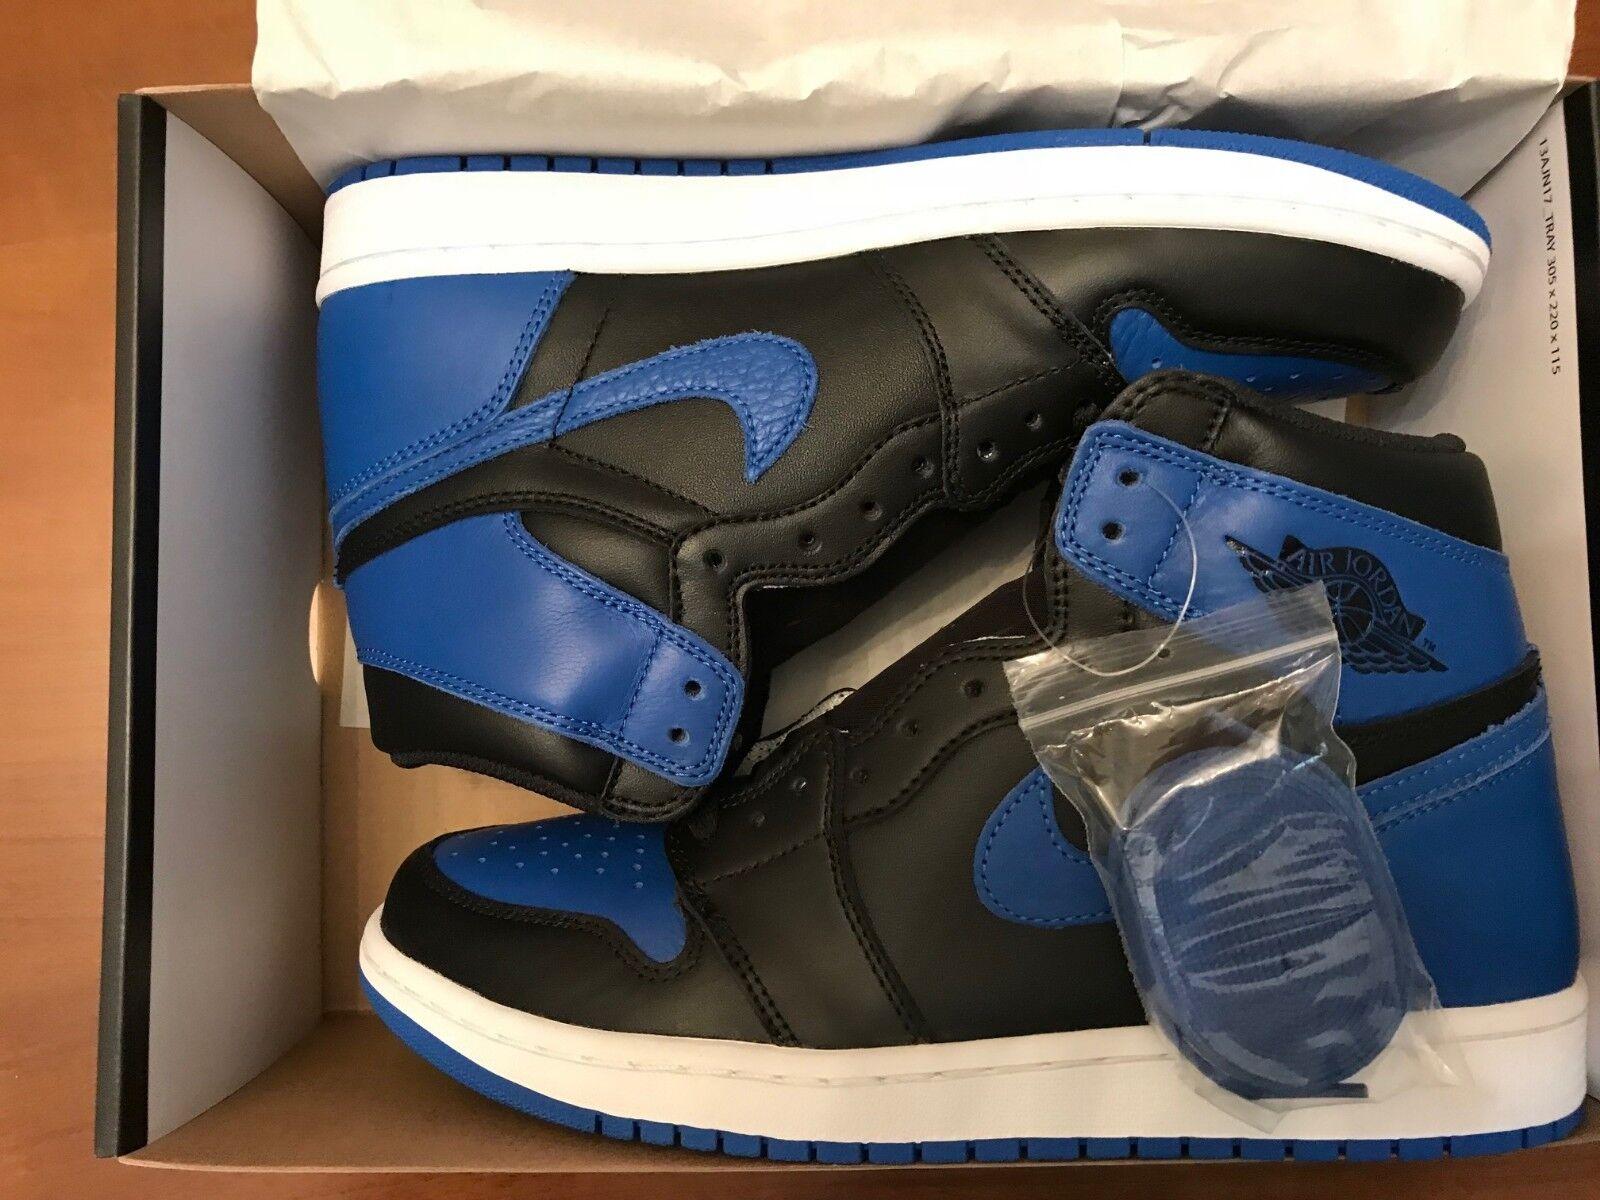 Nike Air Jordan Jordan Jordan 1 Retro High OG 555088-007 Royal blu nero bianca 2017 Brosso DS de1175